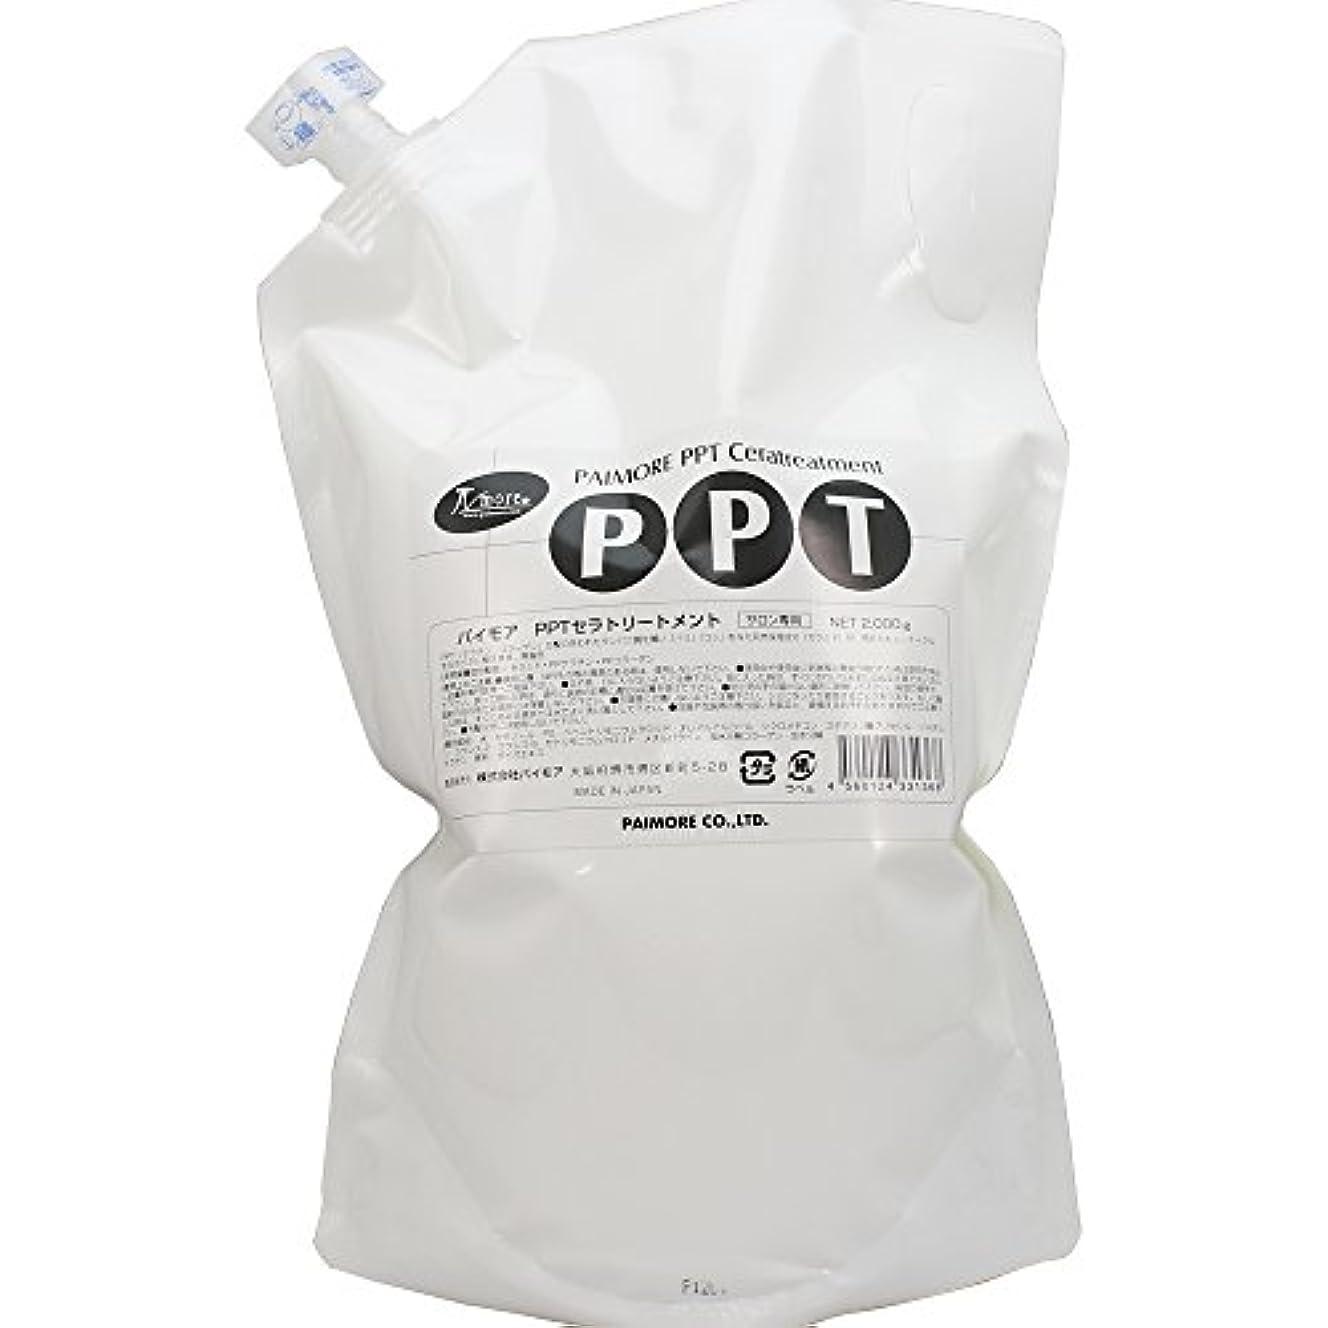 日記不一致ストライドπmore 2000g パイモア PPT Cera Treatment PPTセラトリートメント 詰め替え